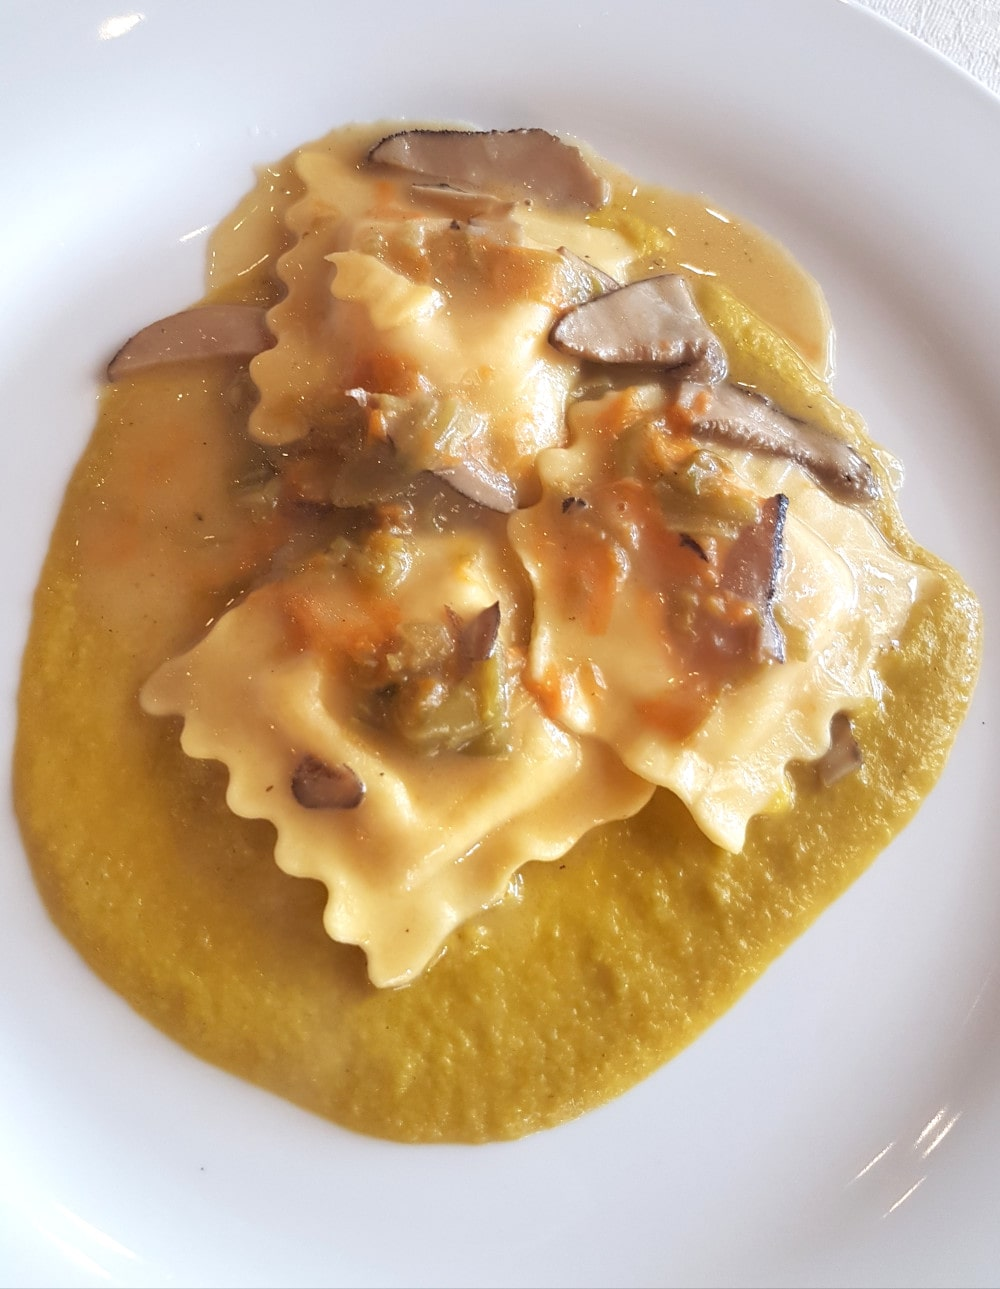 Ravioli di astice con crema di fiori di zucchina e barboni. Primi piatti, cucina veneta a Bassano del Grappa